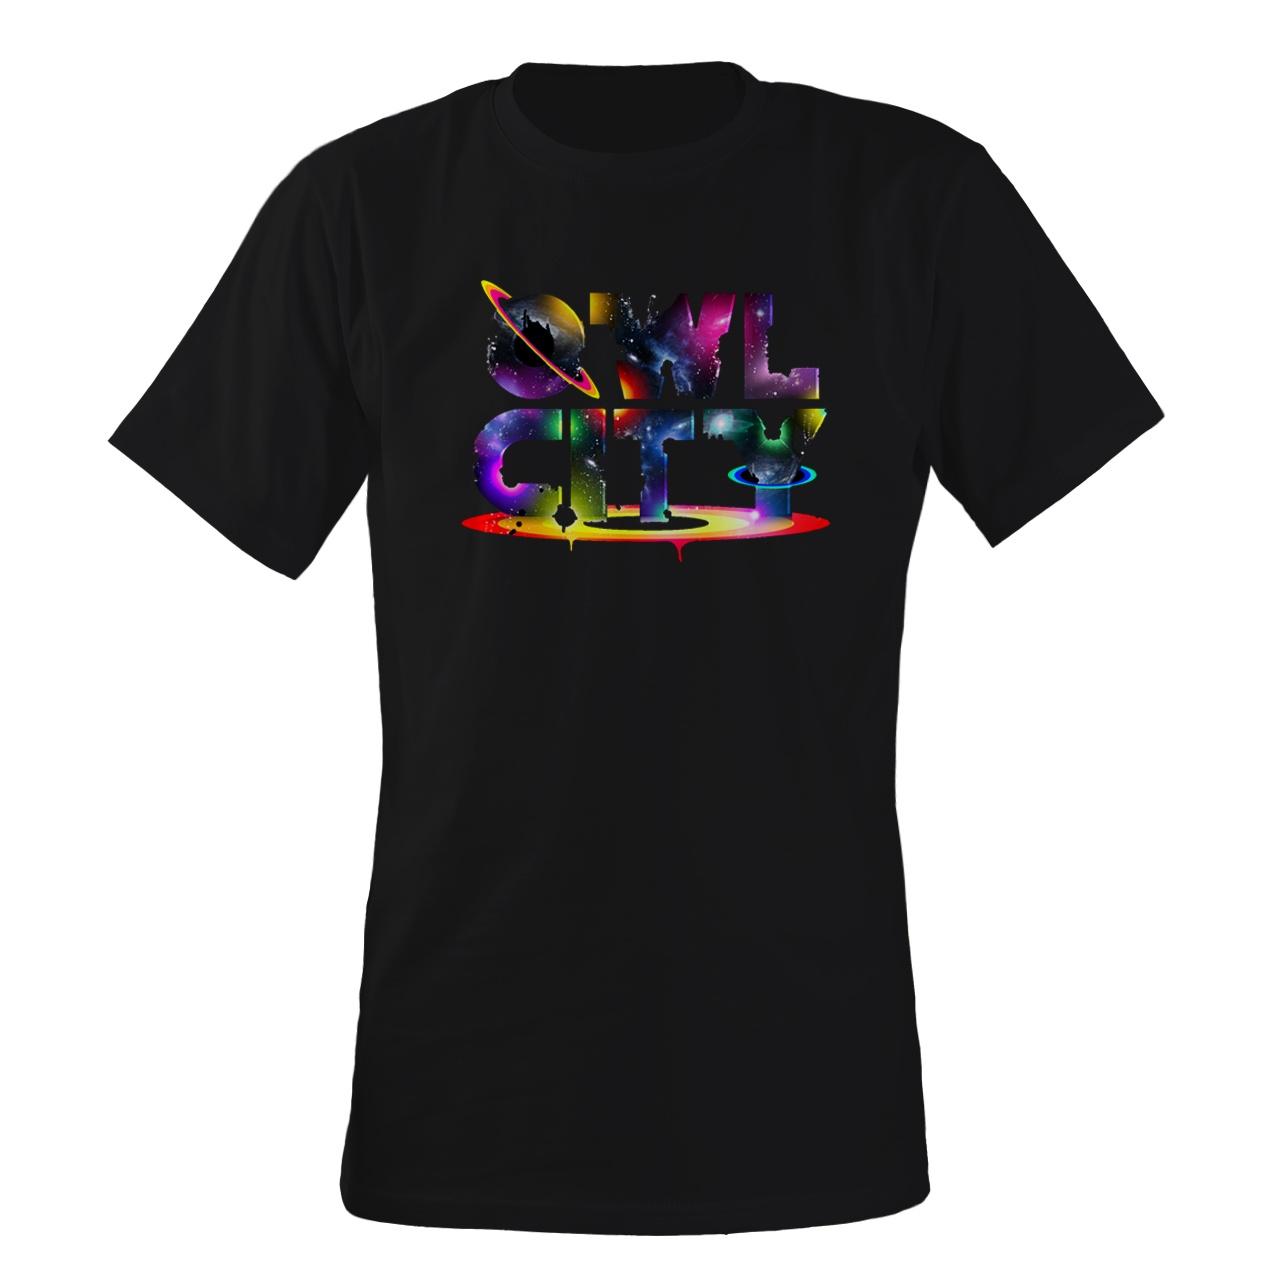 تی شرت مردانه مسترمانی طرح کهکشان کد 1315